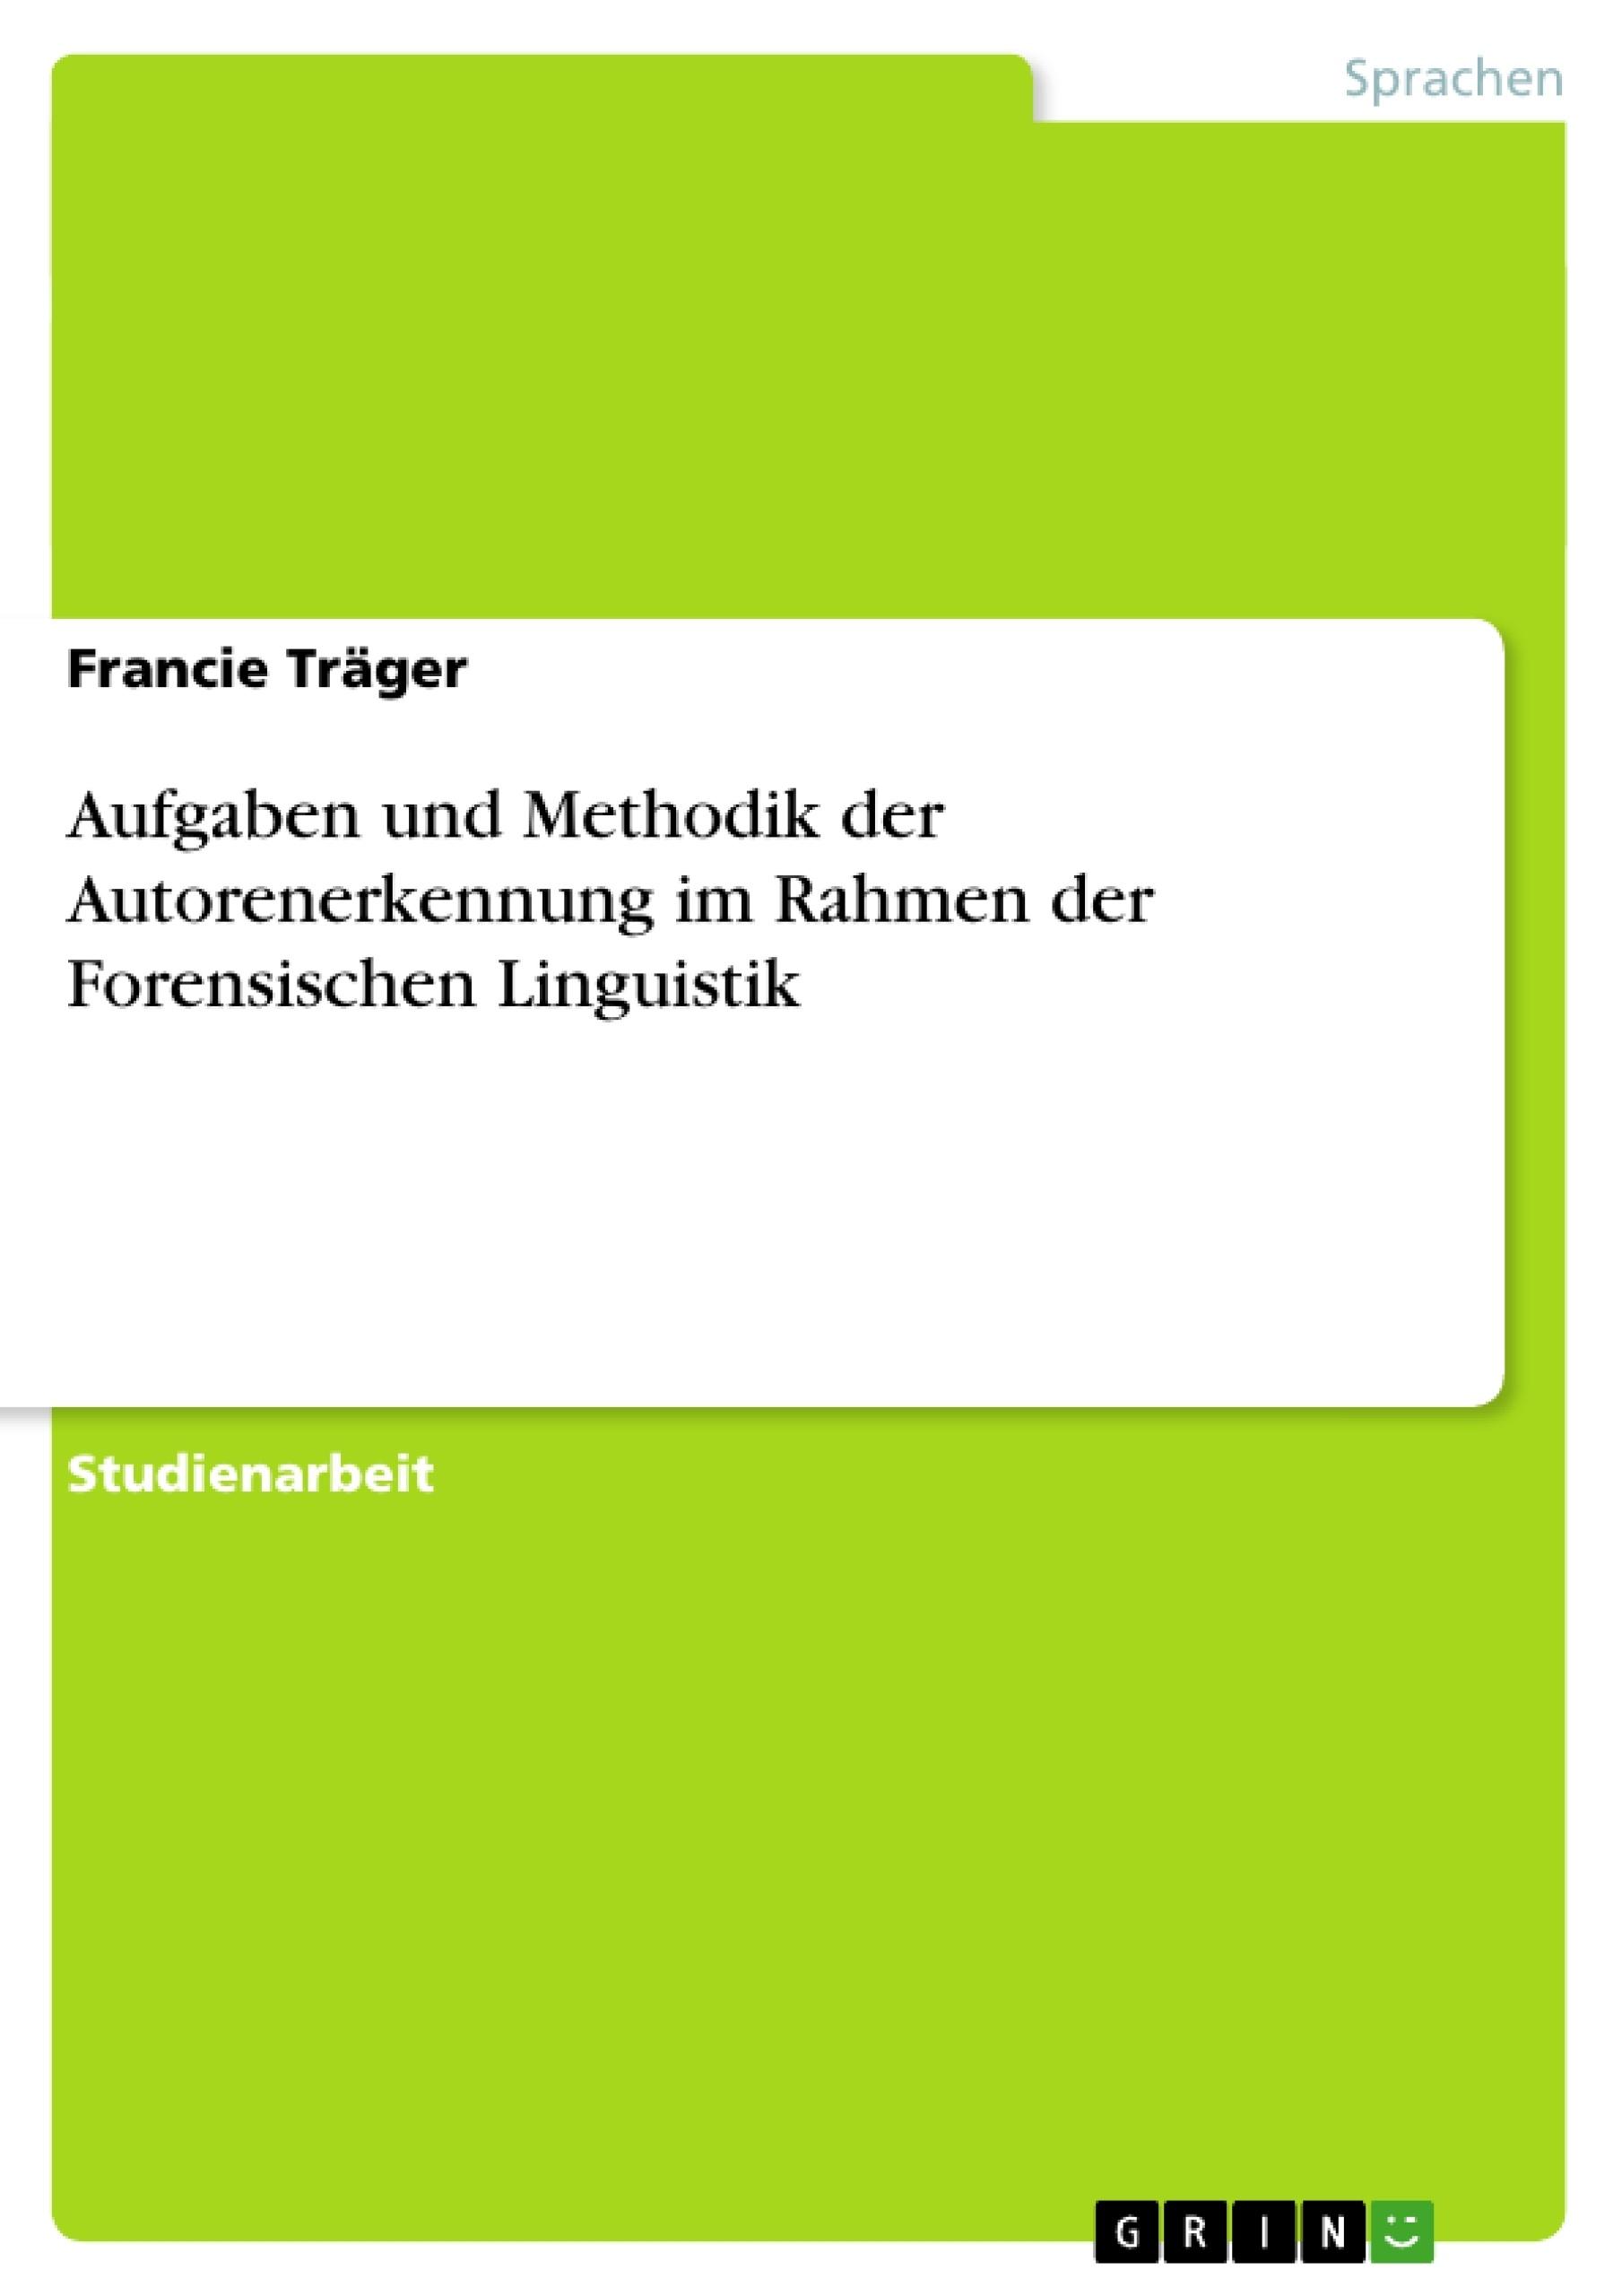 Titel: Aufgaben und Methodik der Autorenerkennung im Rahmen der Forensischen Linguistik